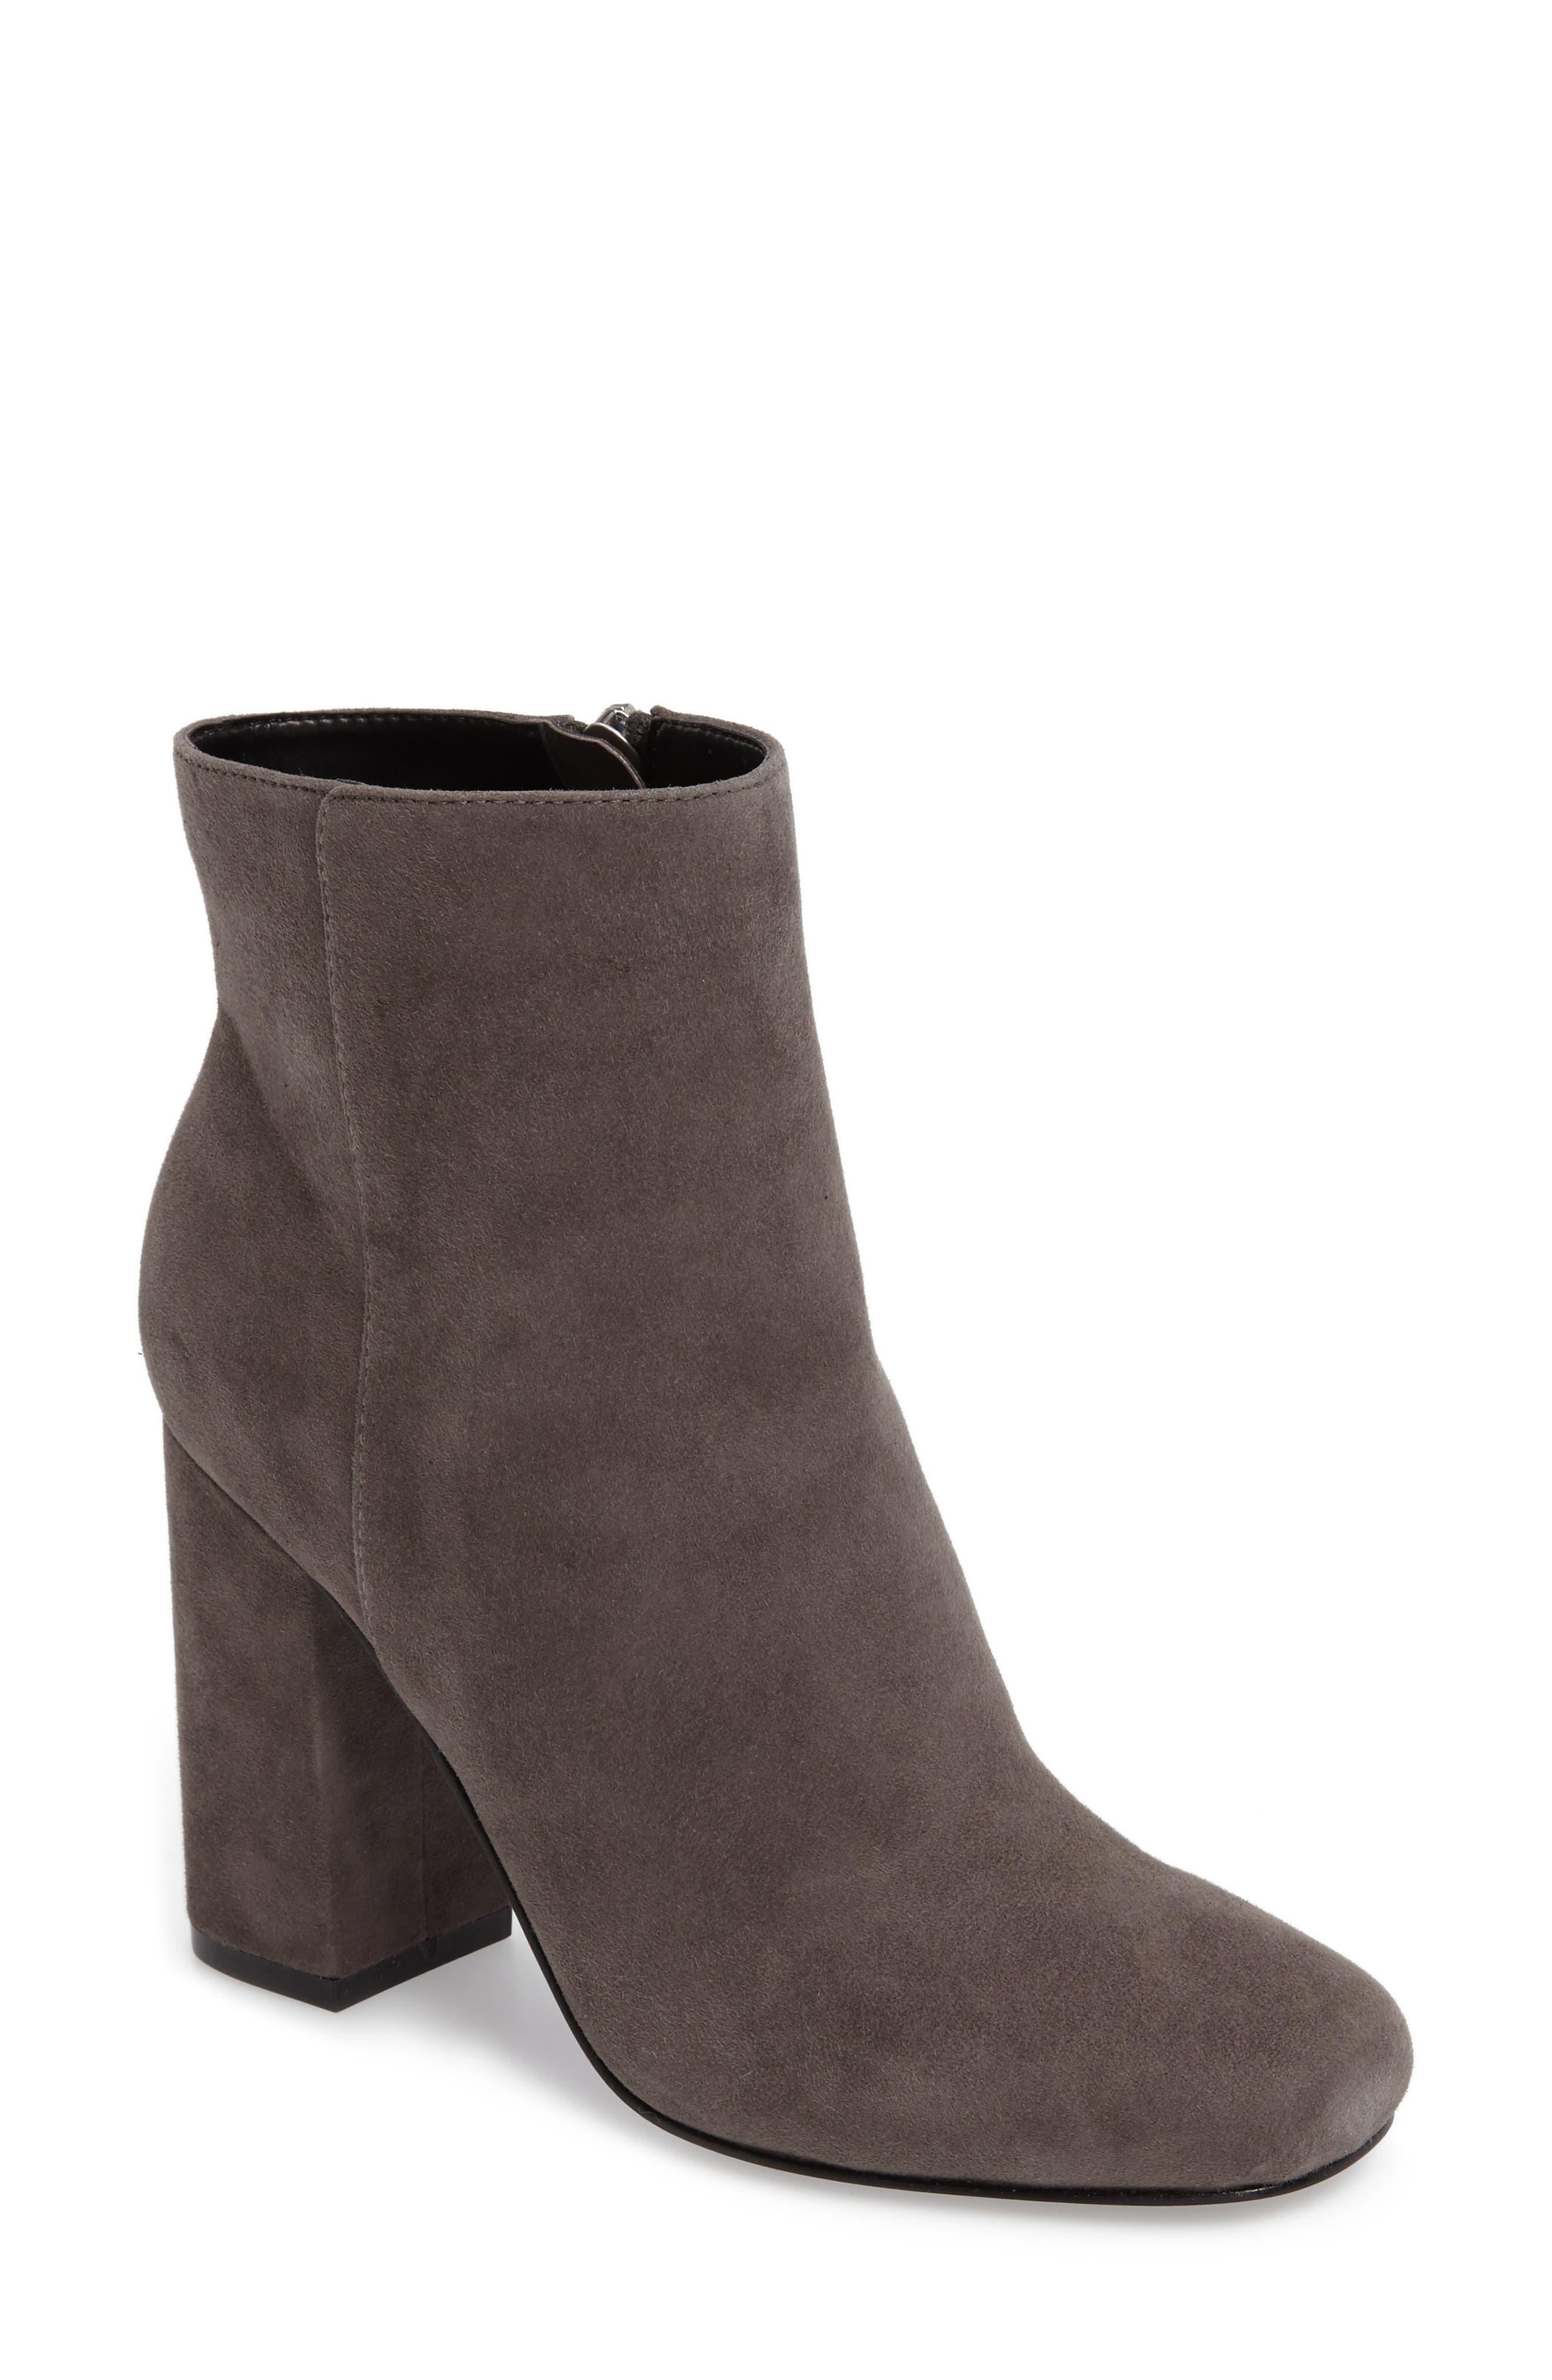 Alternate Image 1 Selected - Charles David Studio Block Heel Bootie (Women)